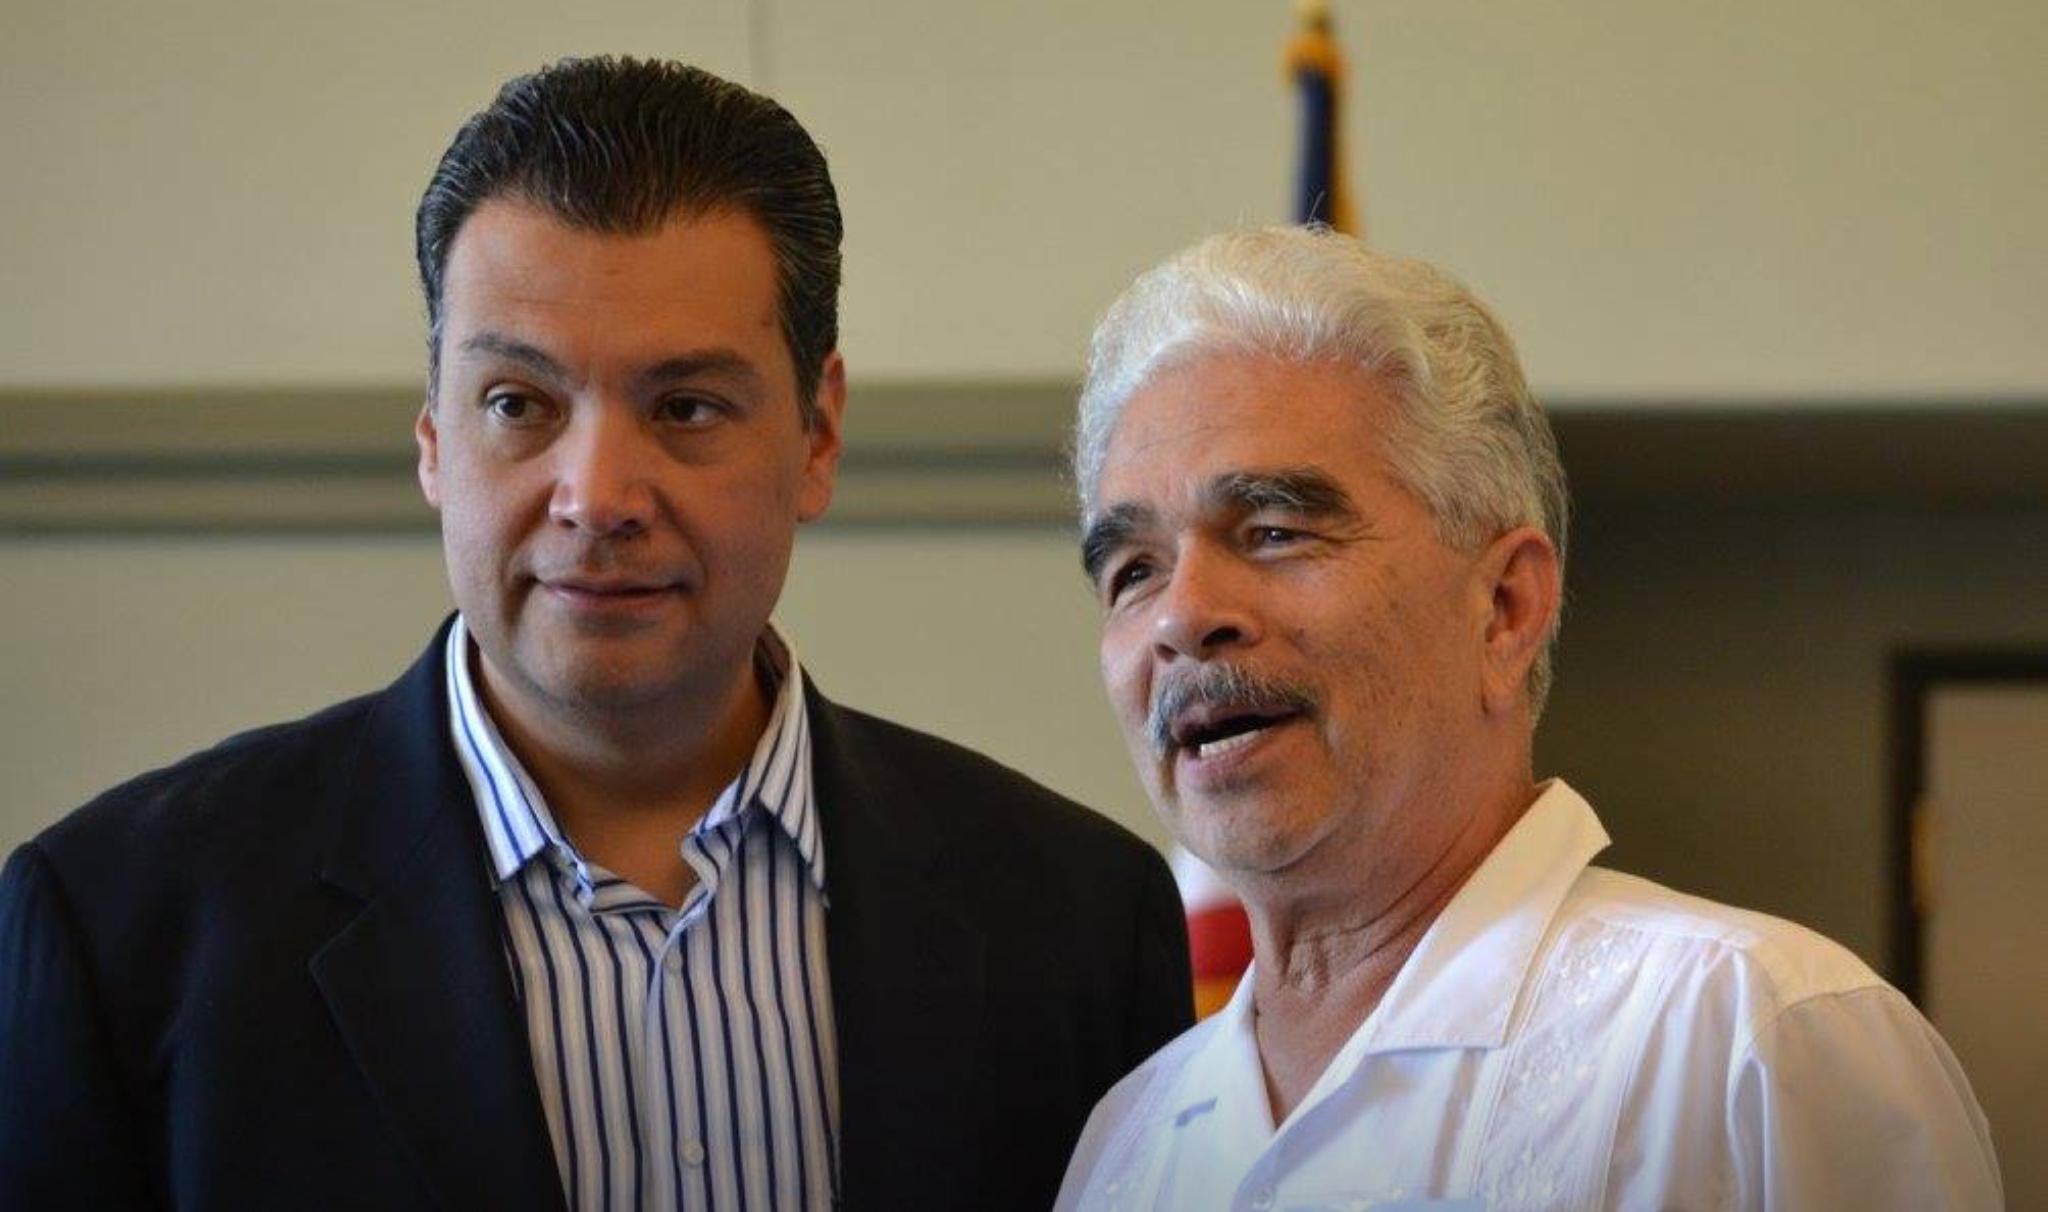 Sacramento - Pictured are David and Alex Padilla, California Secretary of State